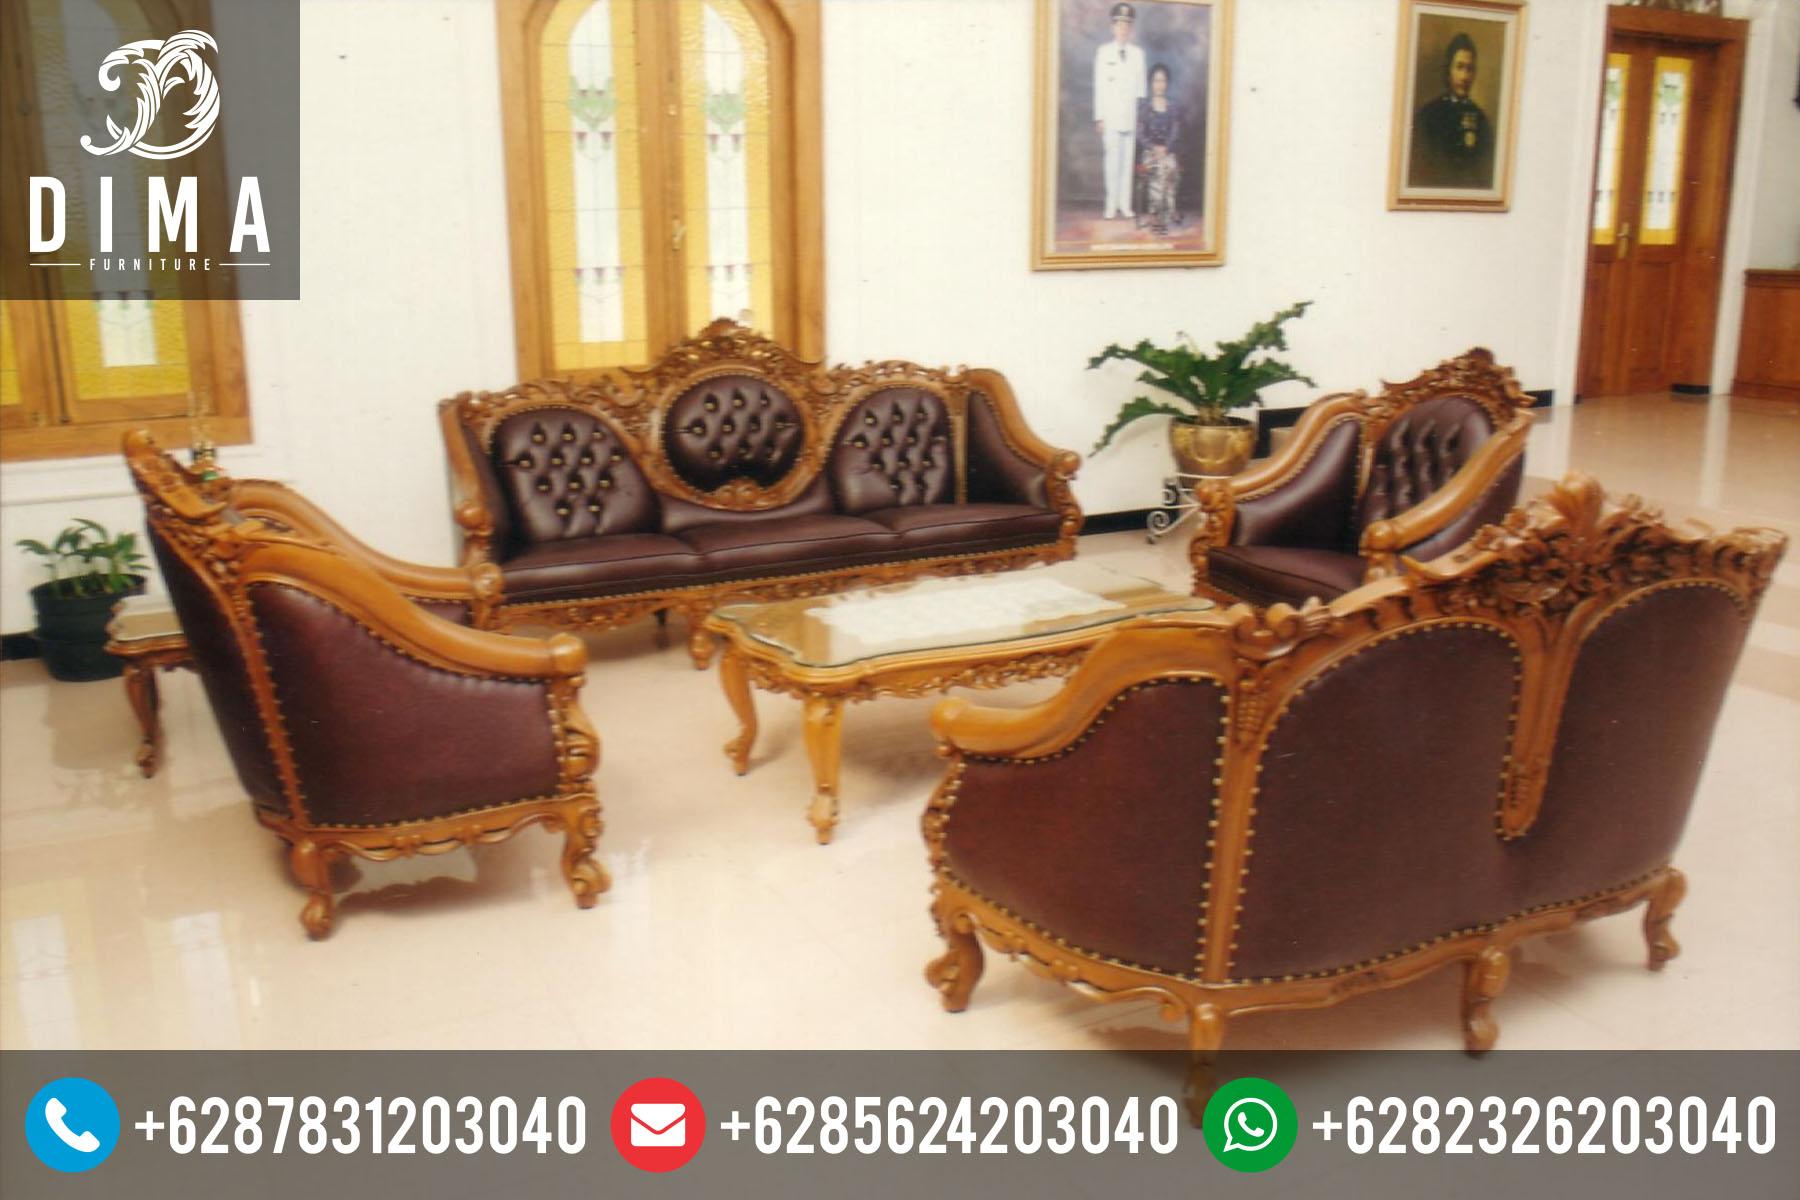 Set Kursi Sofa Tamu Jati Ganesa Mewah Terbaru STJ-0010